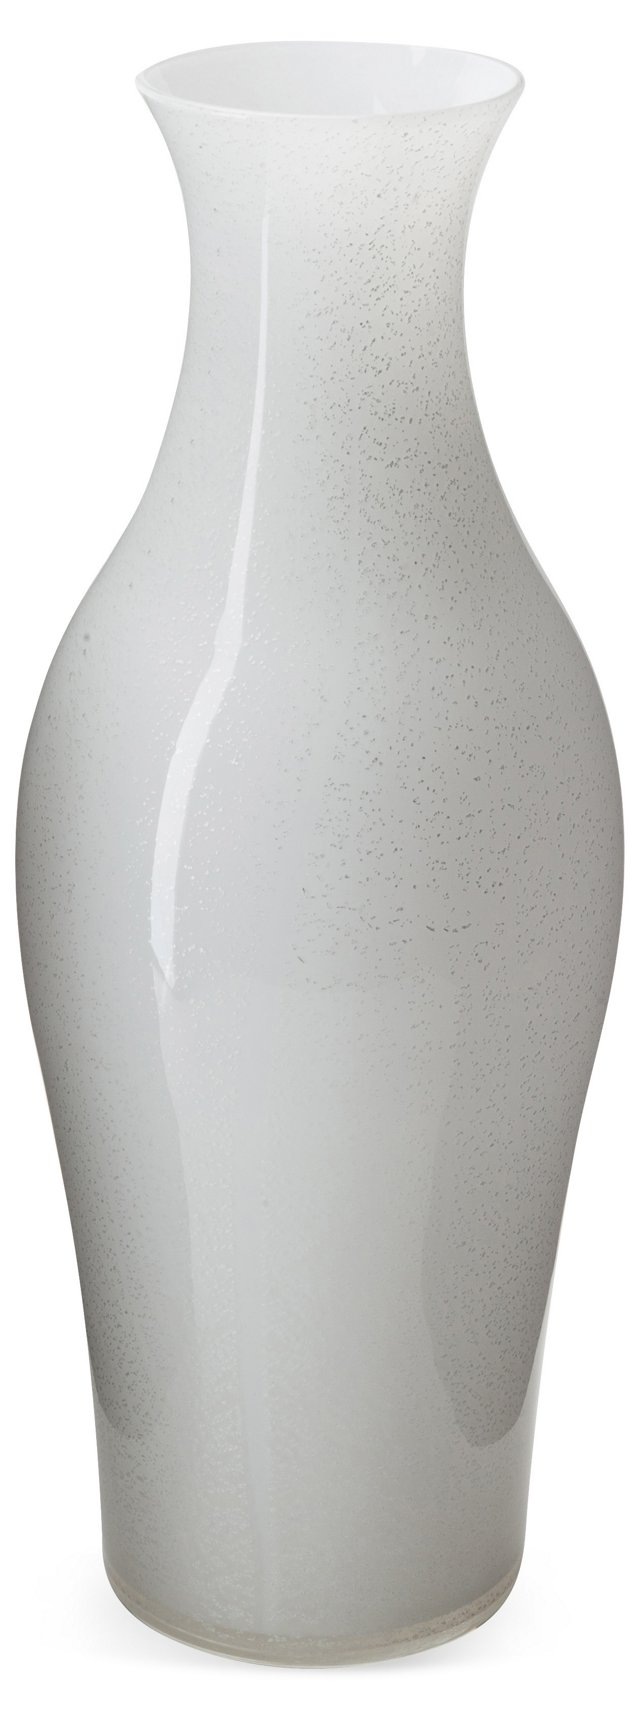 Madrazo White Alta Vase